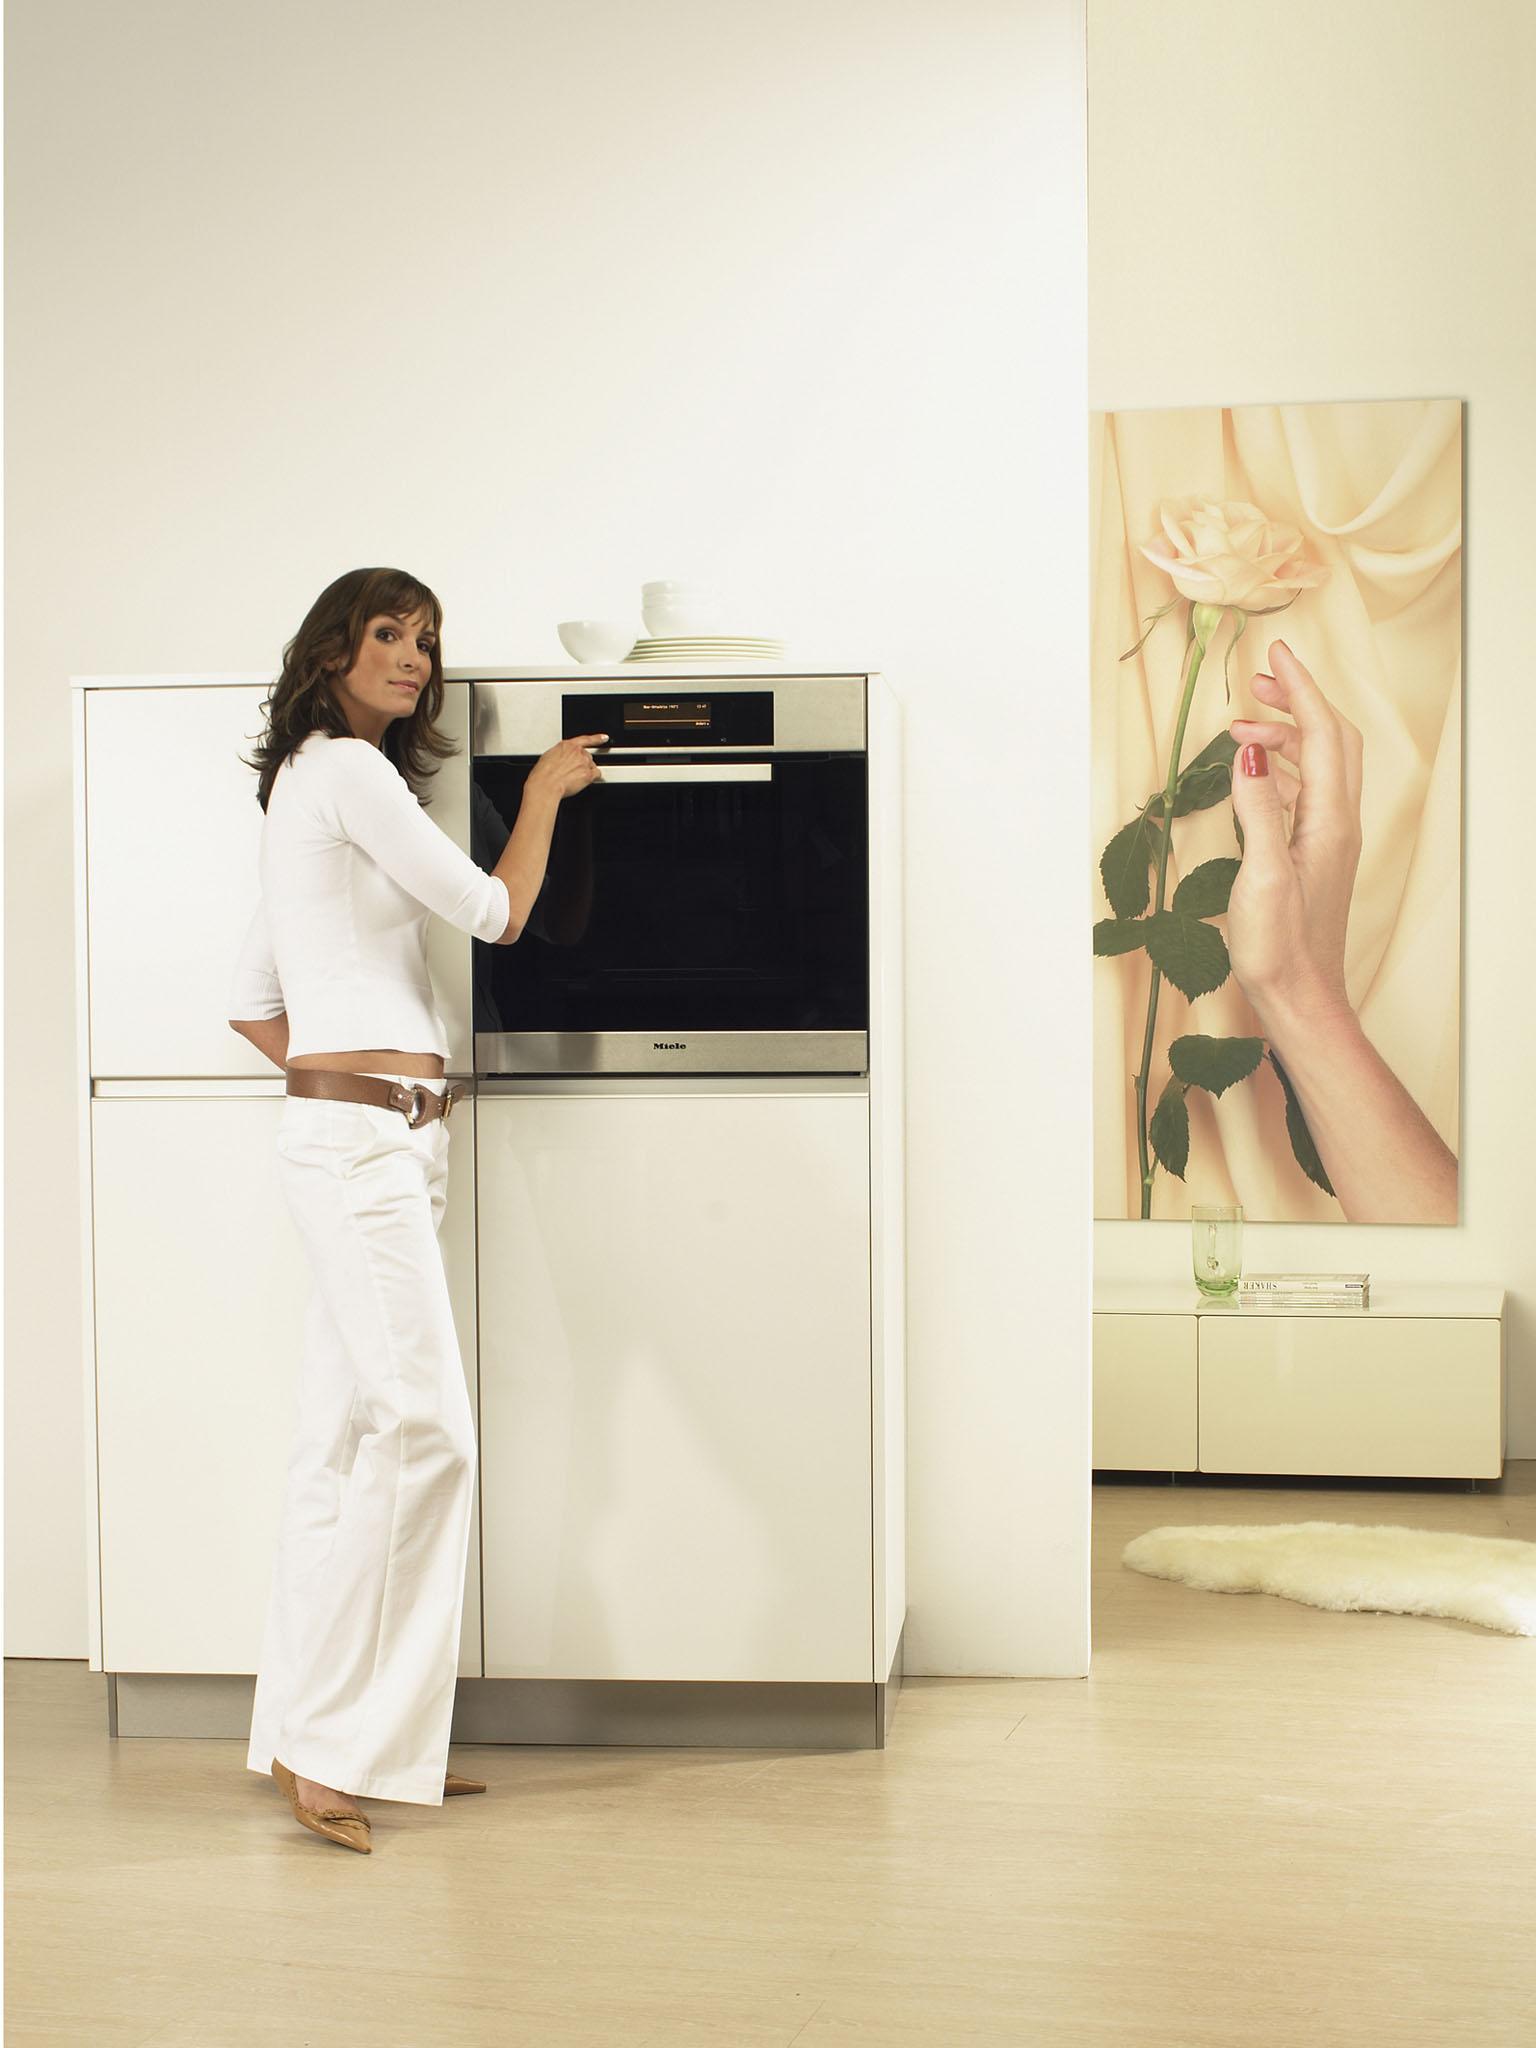 miele stellt zur m belmesse neue k chen und einbauger te vor hightech und hochglanz in. Black Bedroom Furniture Sets. Home Design Ideas